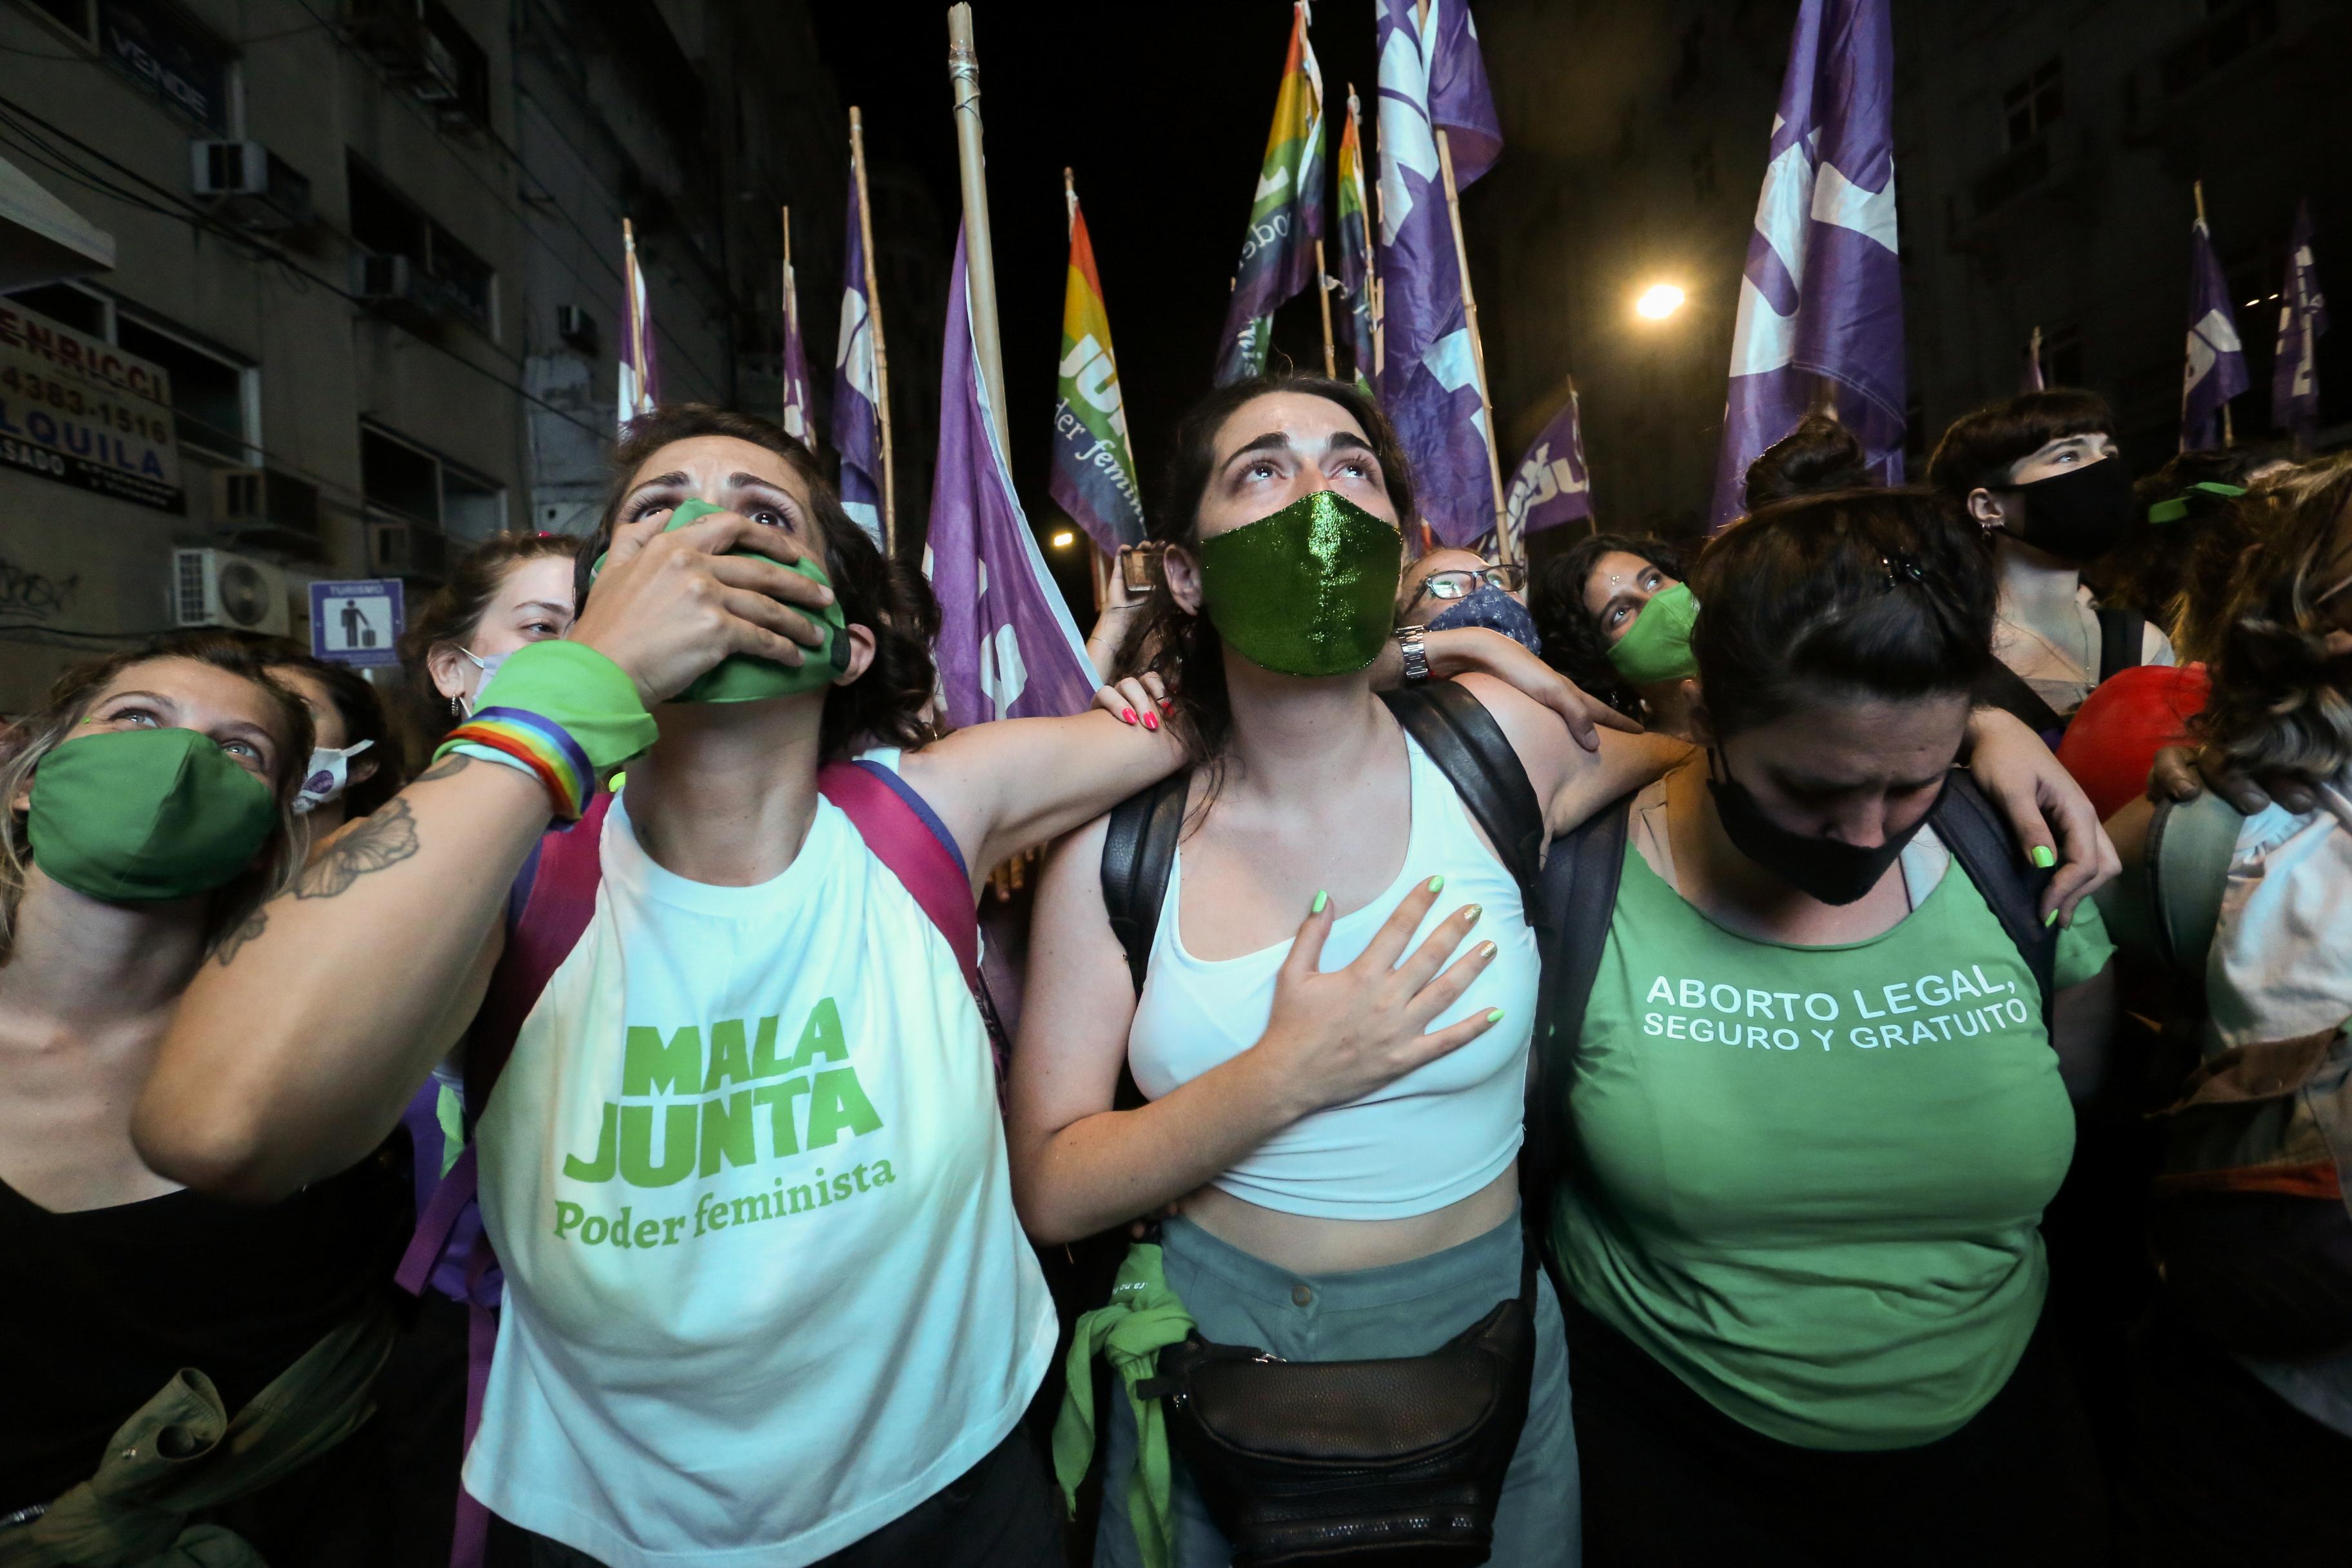 La reacción de los manifestantes a favor de la legalización del aborto reaccionan después de que el Senado aprobó el proyecto